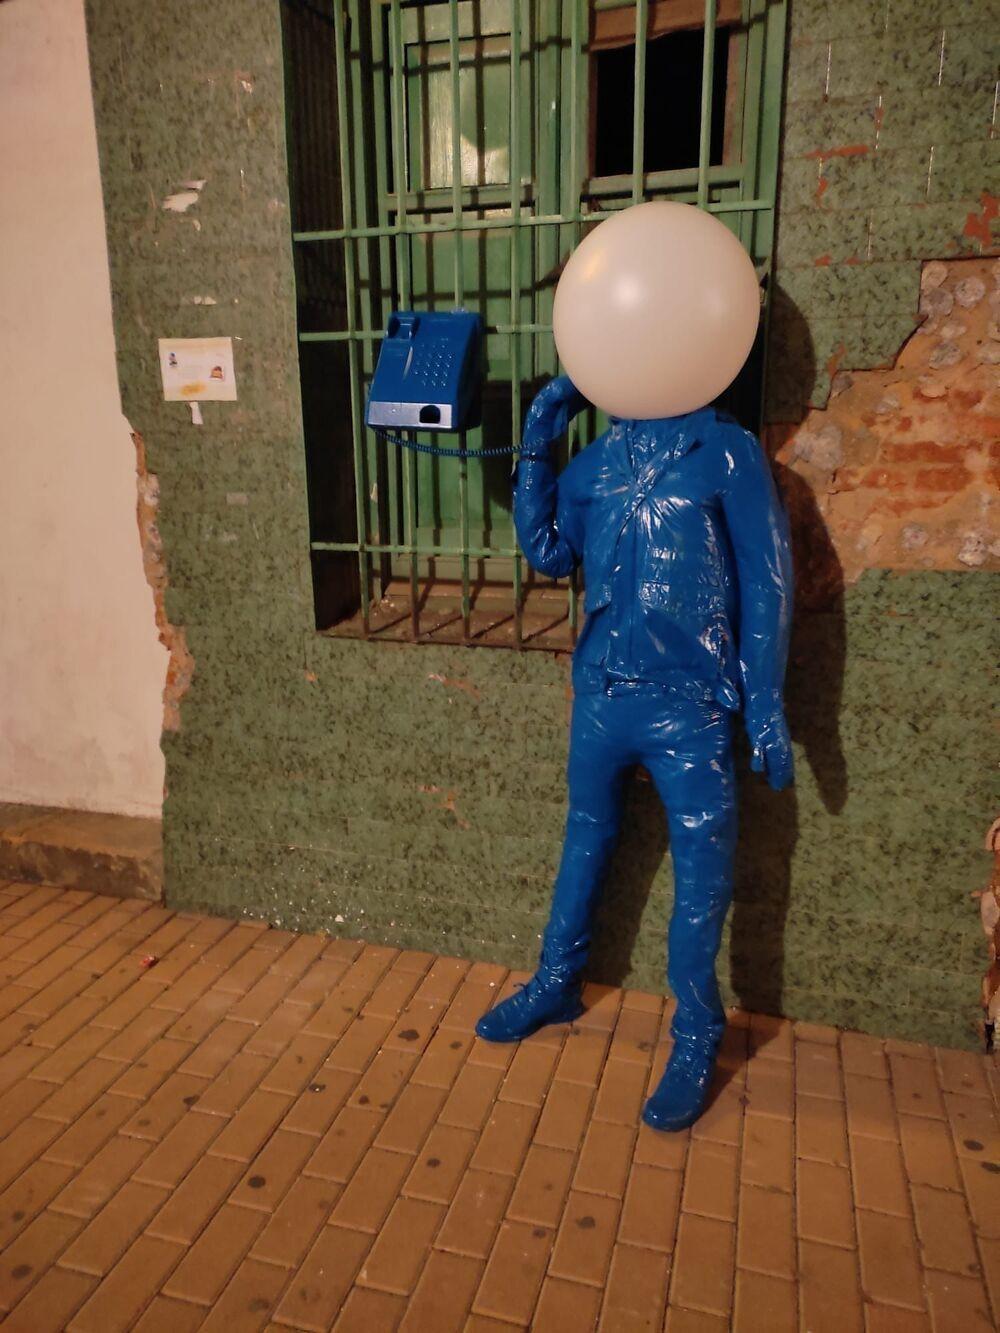 El arte que sale a buscarte es el título de la exposición de arte urbano de este artísta de Los Yébenes.